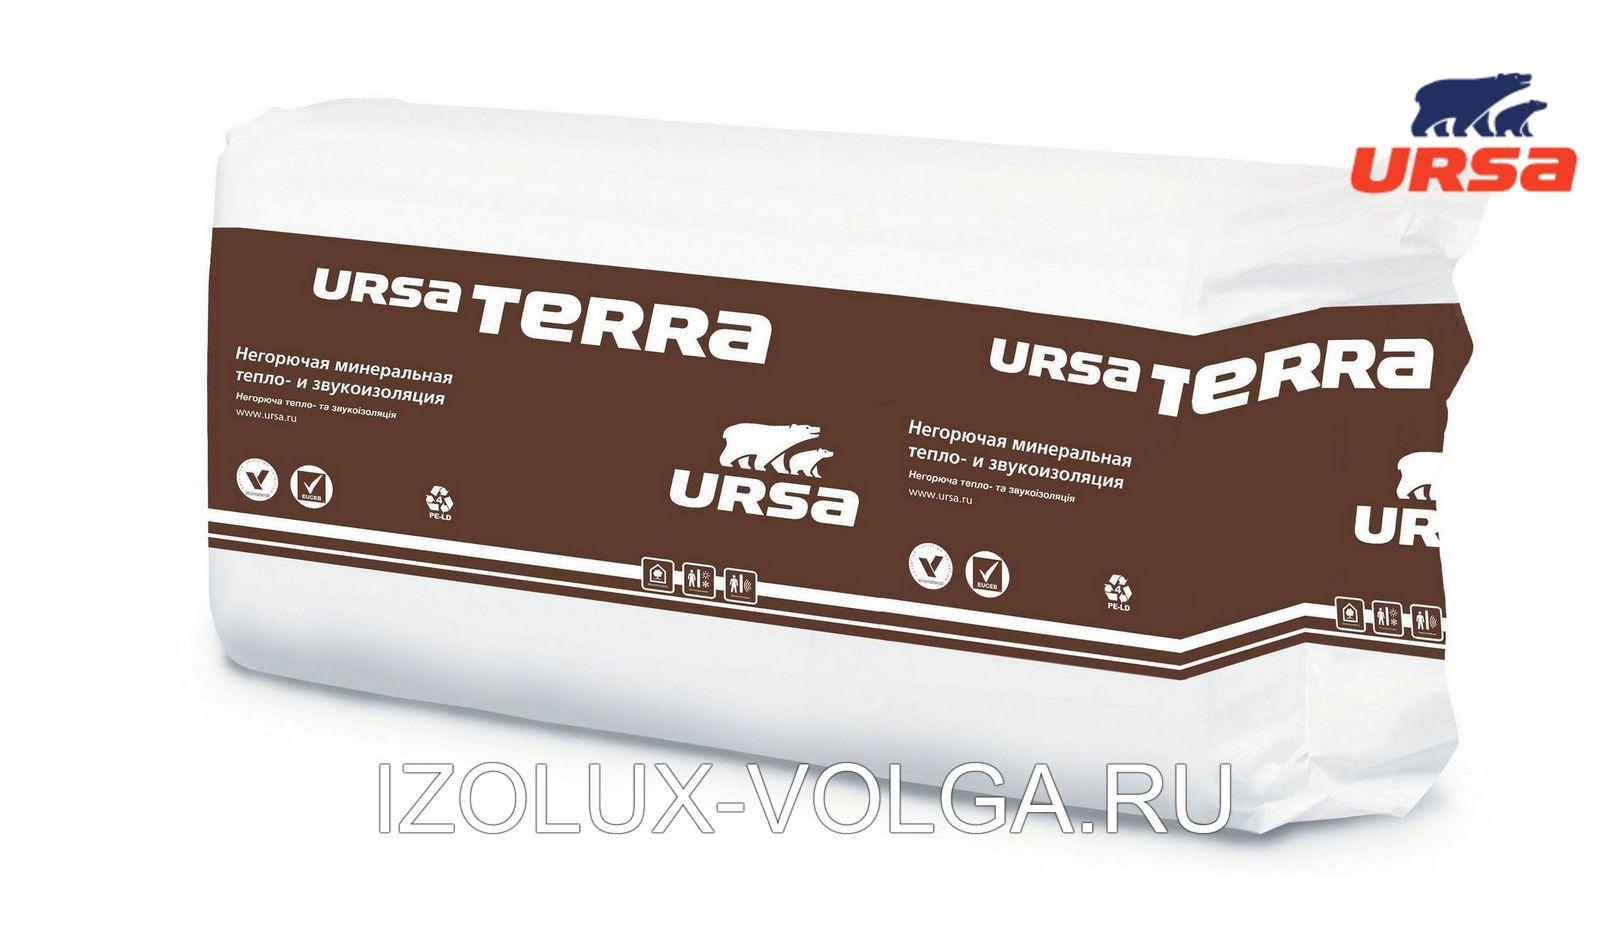 Утеплитель URSA TERRA 37 PN 1250х610х70мм 16 плит